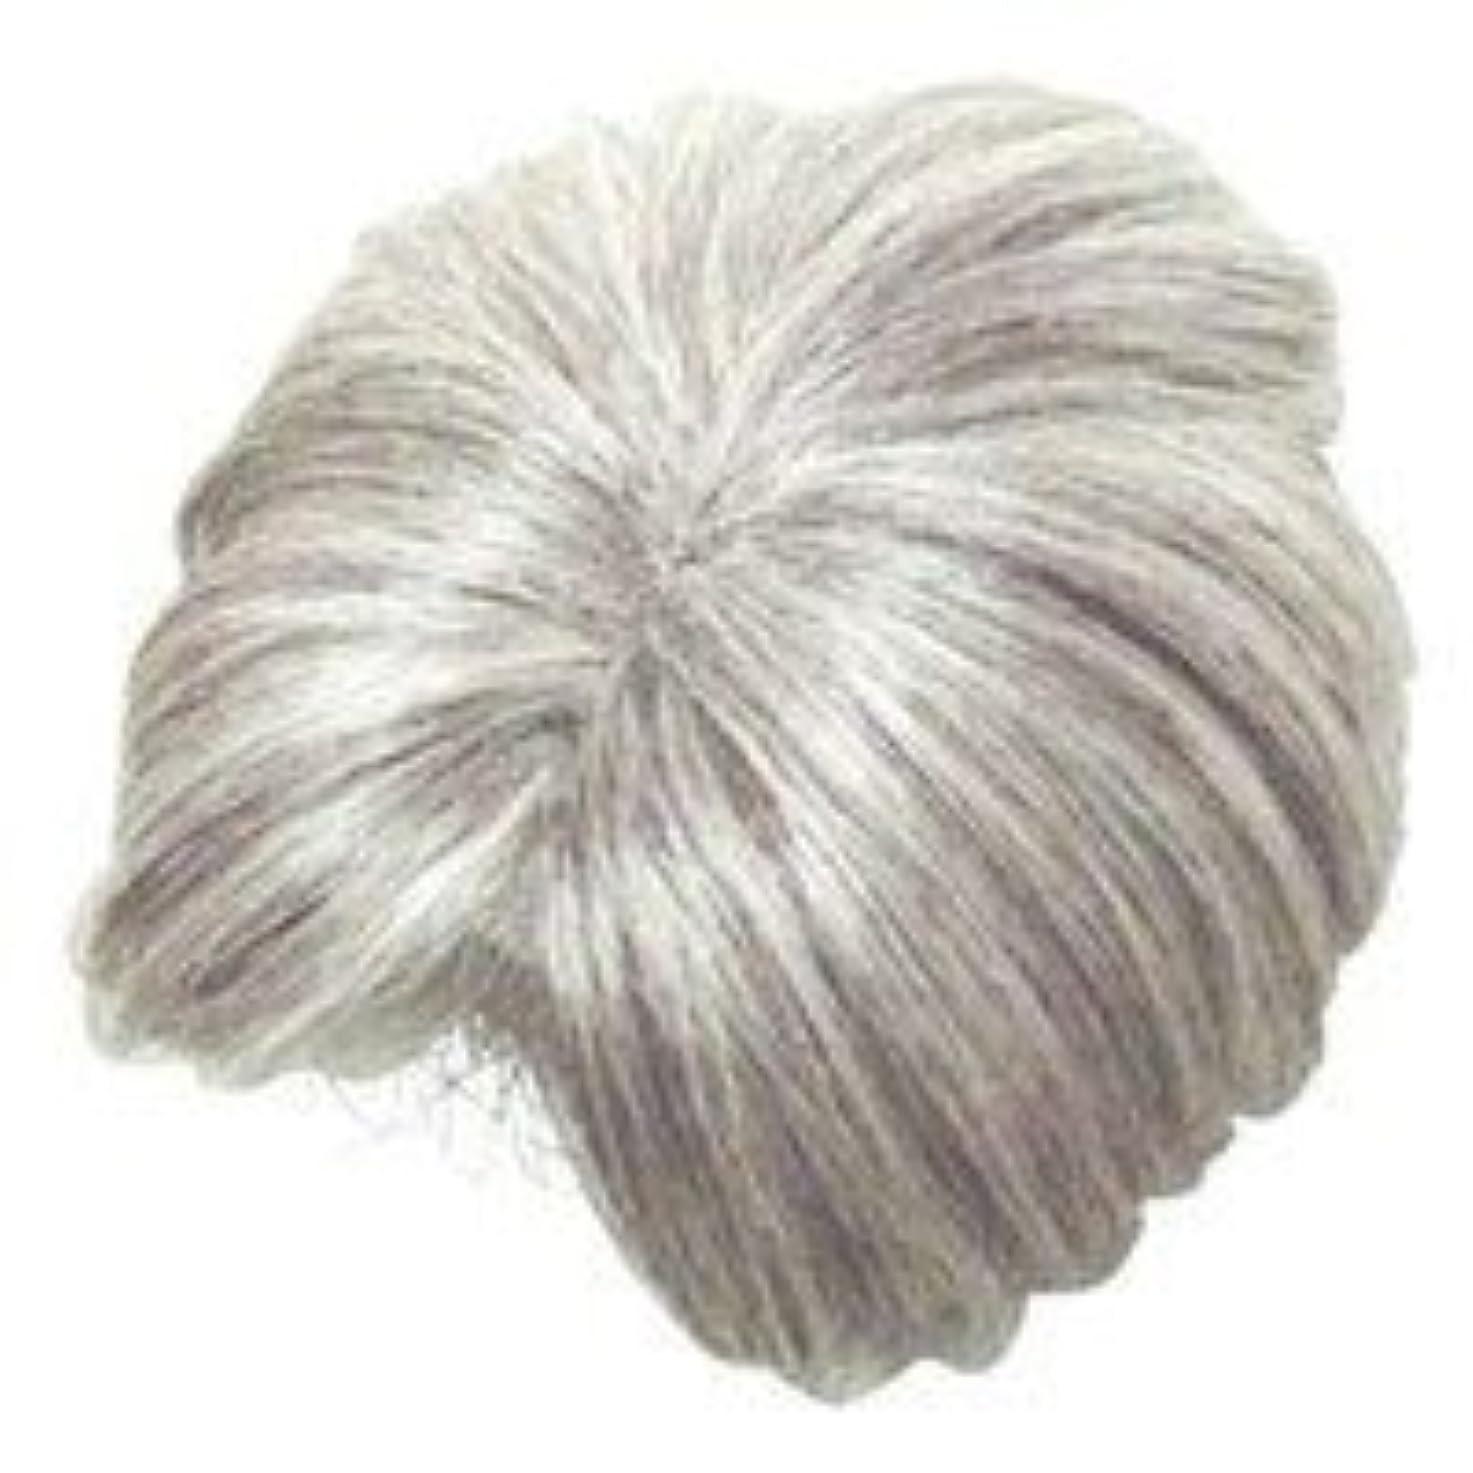 監督する行為疲れたモアヘアピース部分かつら (白髪80パーセント)